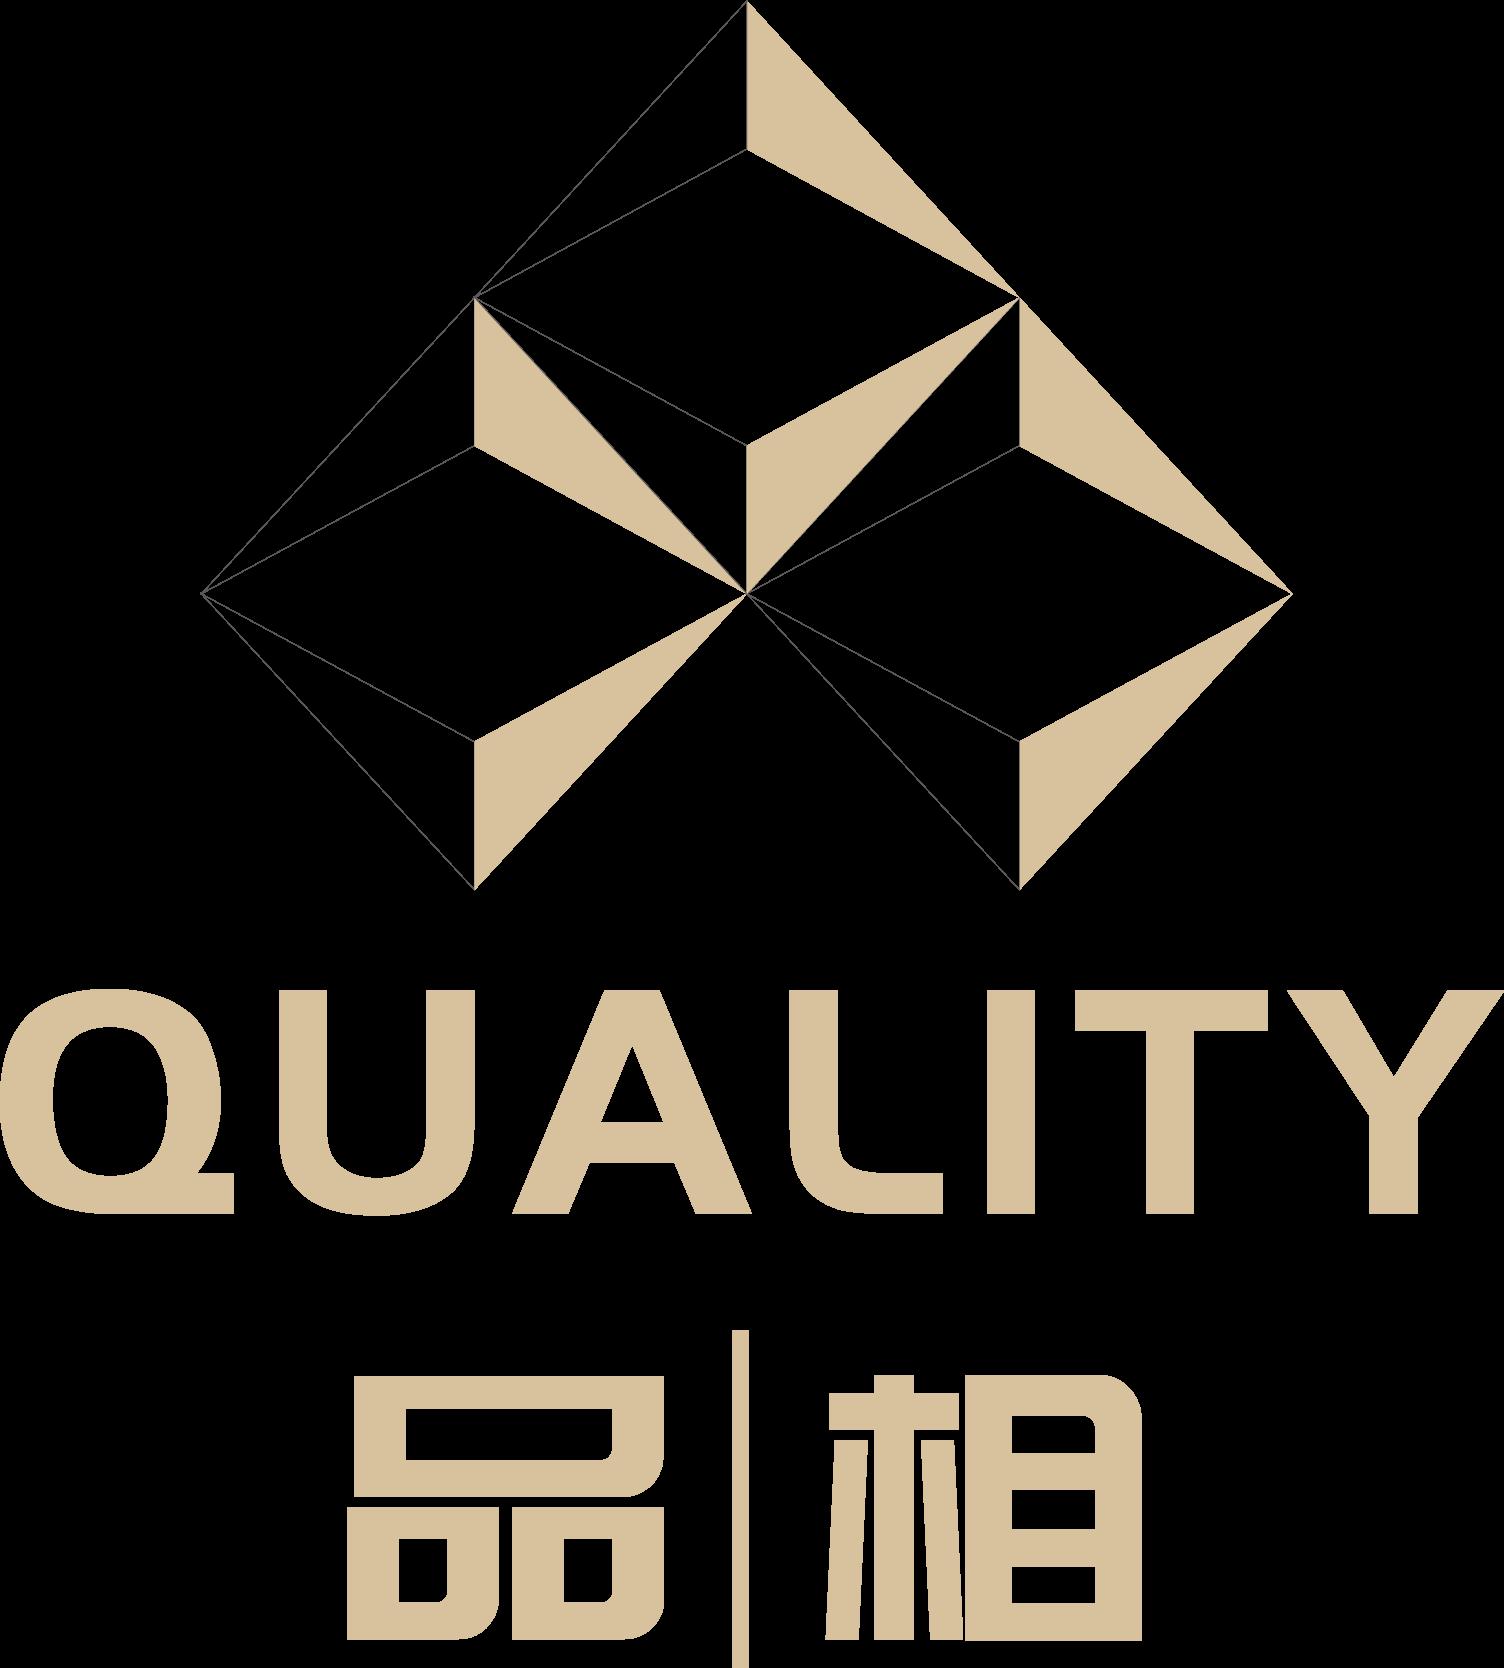 青島品相裝飾設計工程有限公司